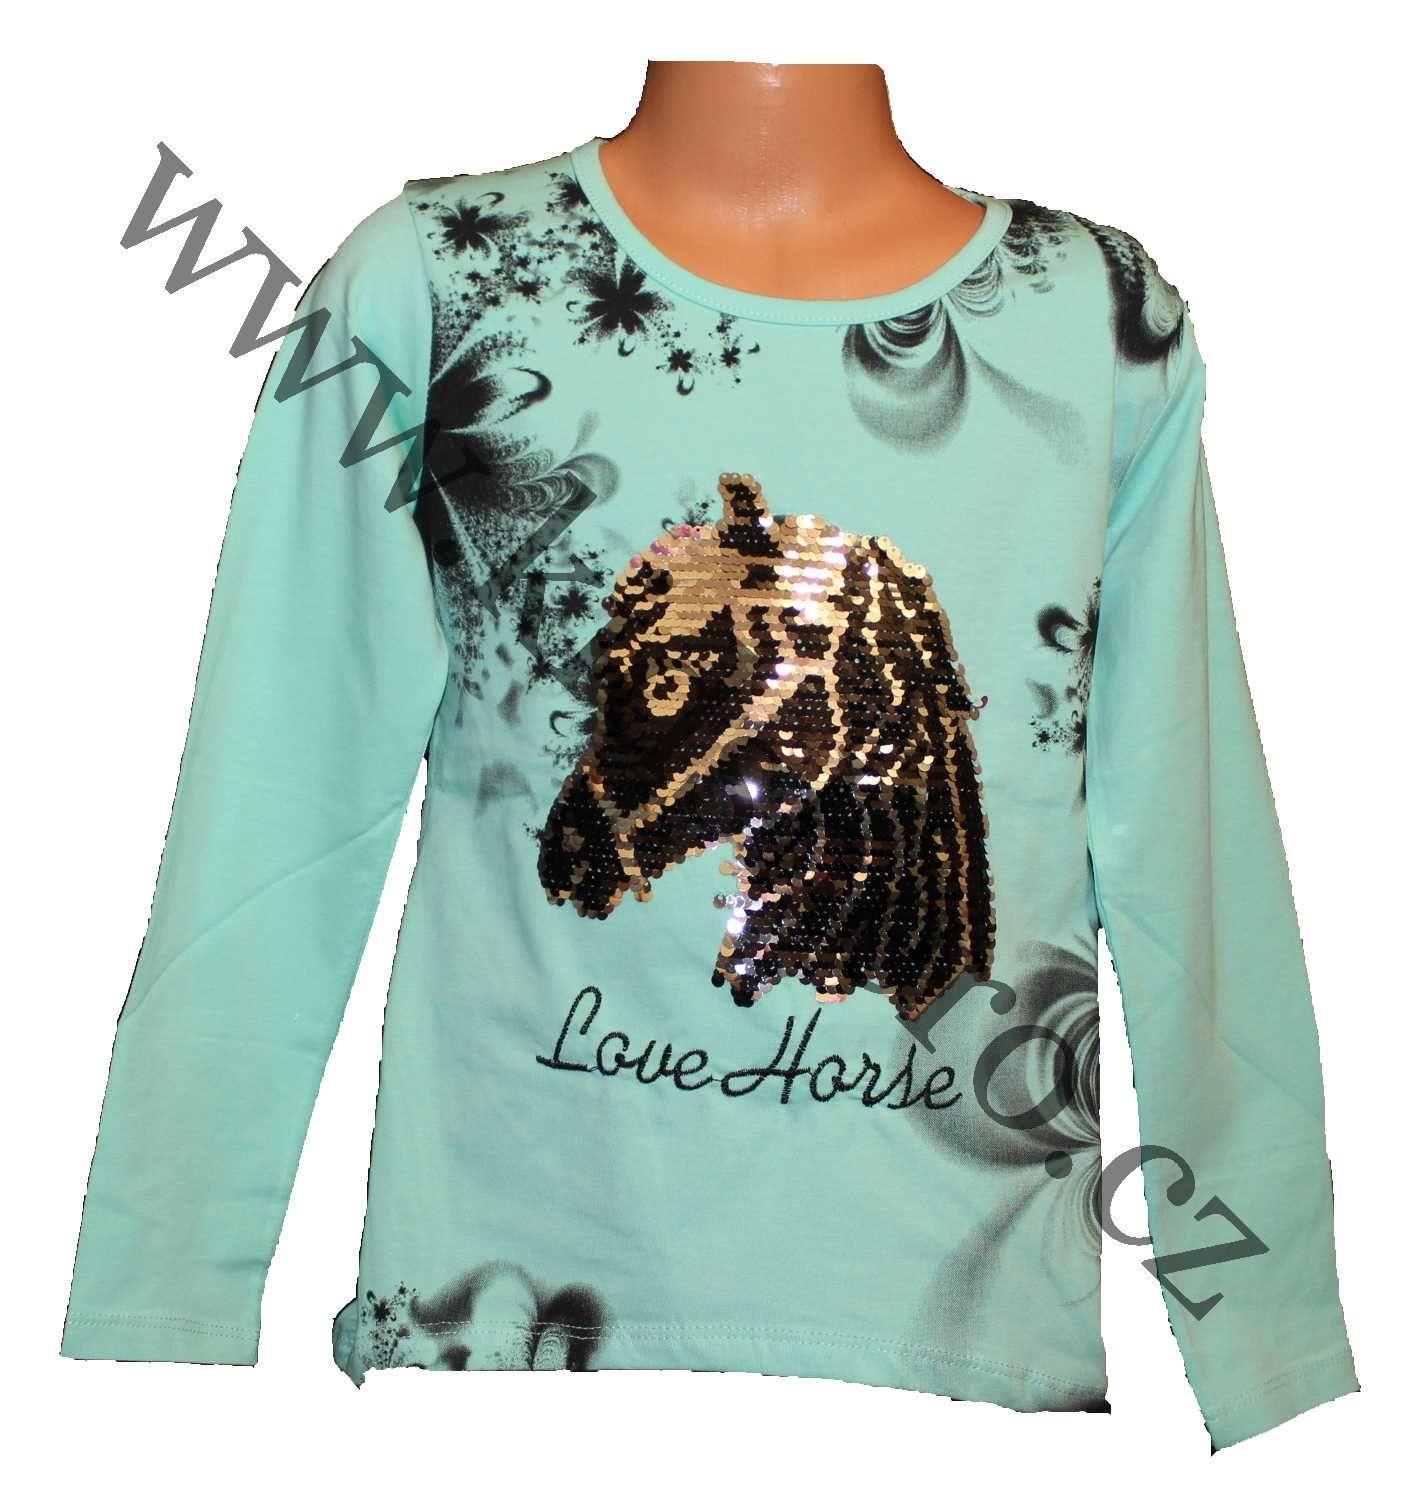 měnící tričko, měnící triko, přeměňovací tričko, měnící obrázek, tričko s flitry